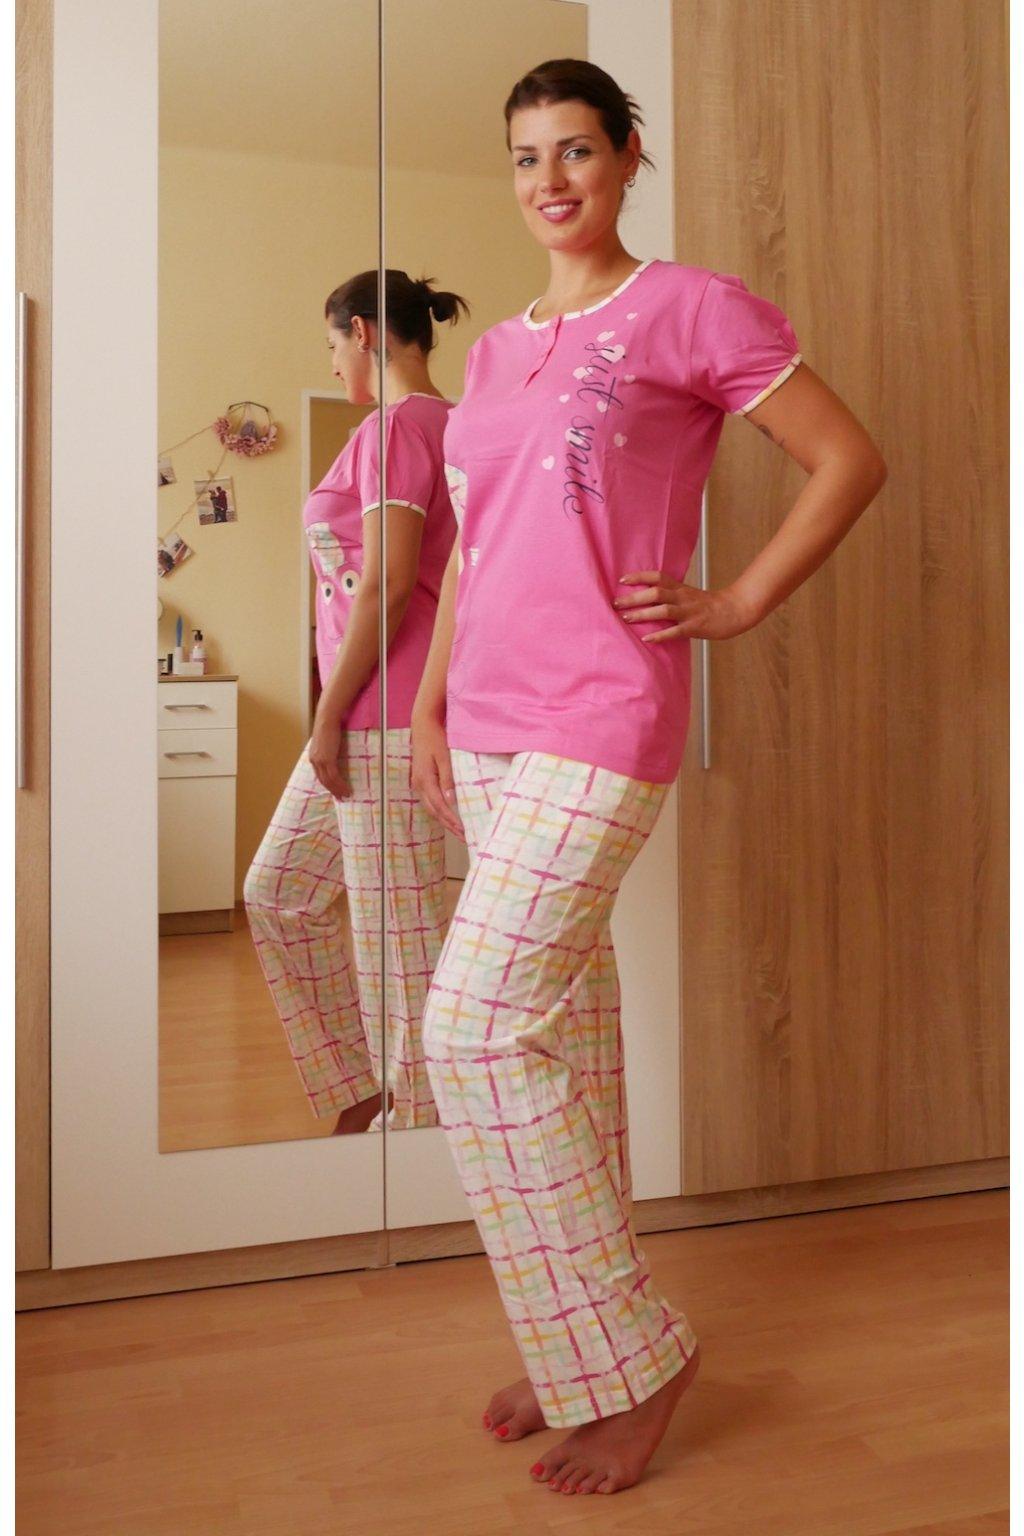 Dámské pyžamo dlouhé, růžové se žabkou z boku